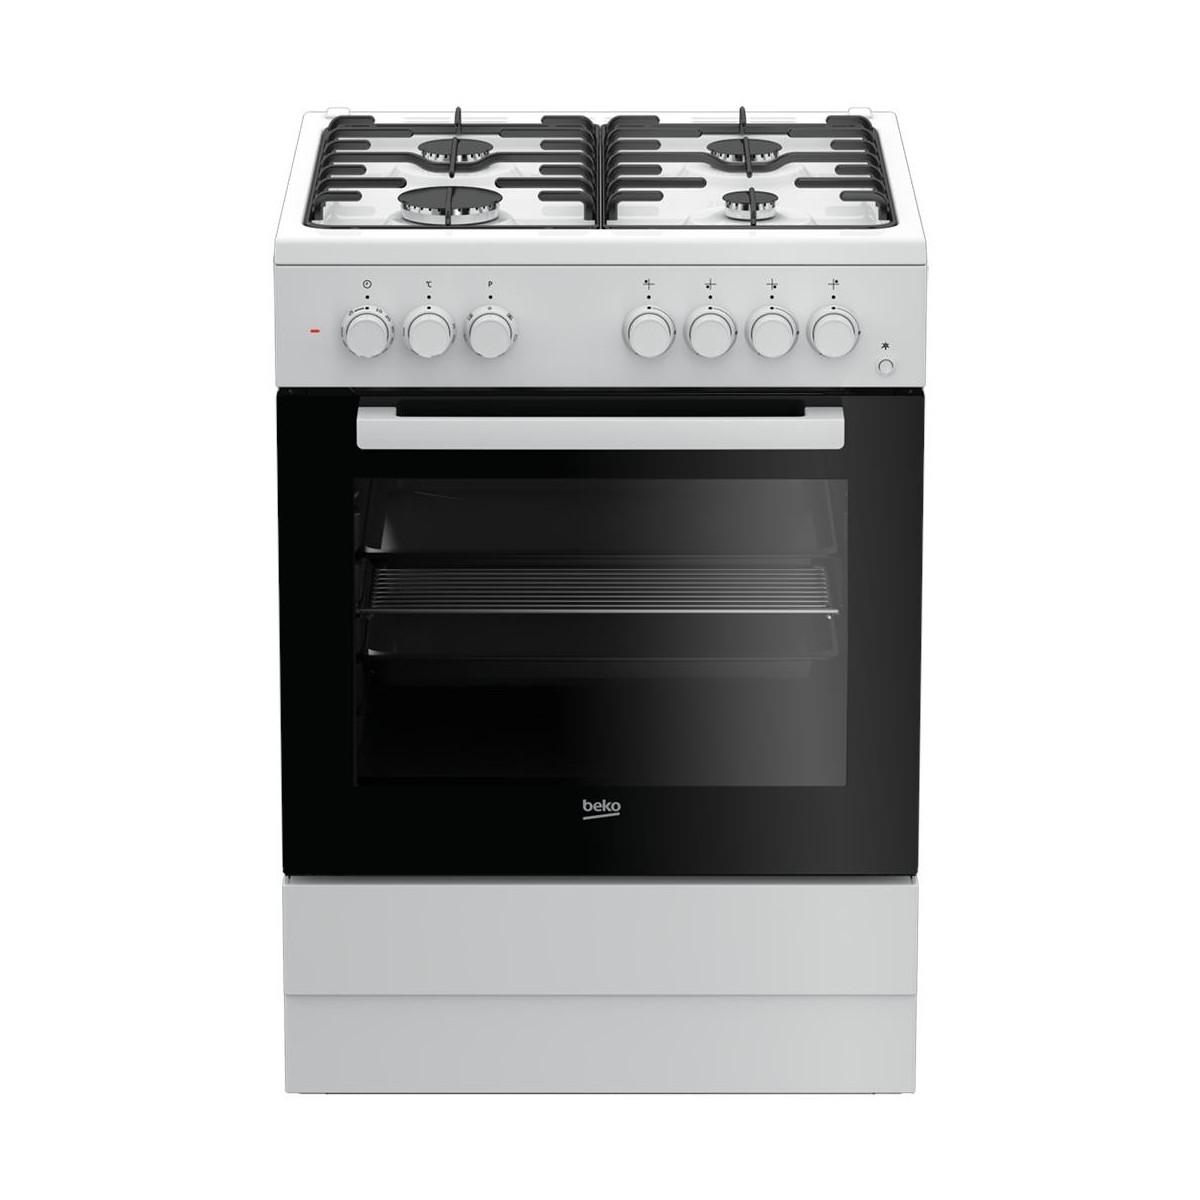 Come scegliere un forno elettrico elegant miglior forno - Forno da incasso migliore ...